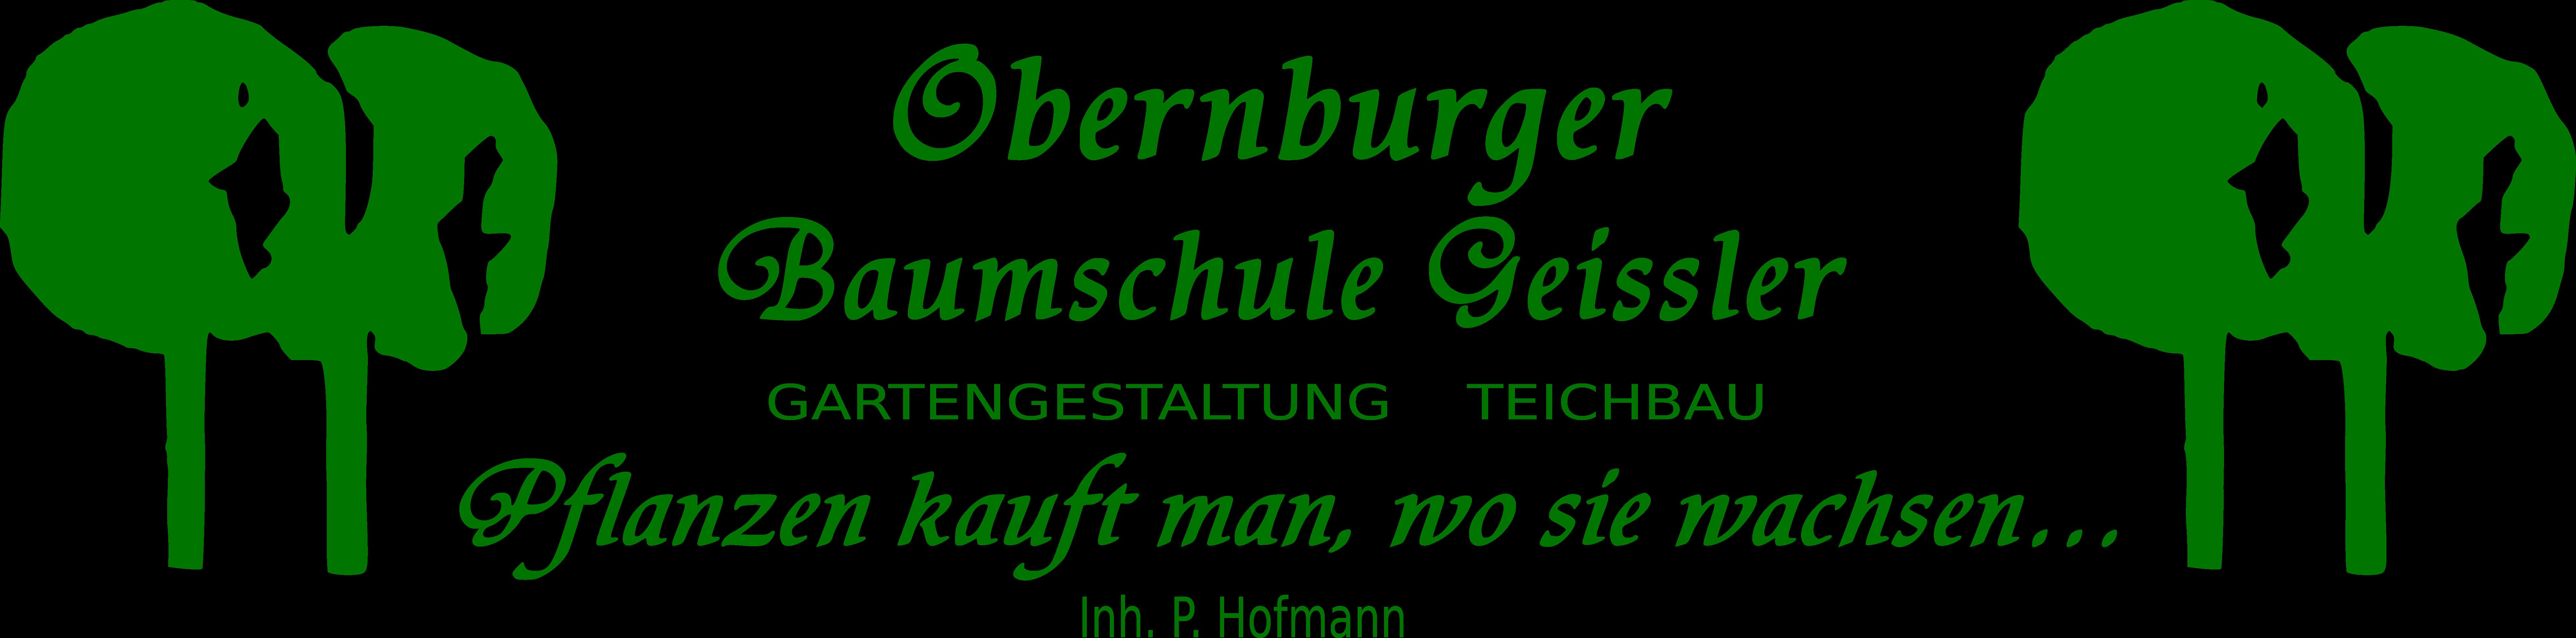 Baumschule Geissler